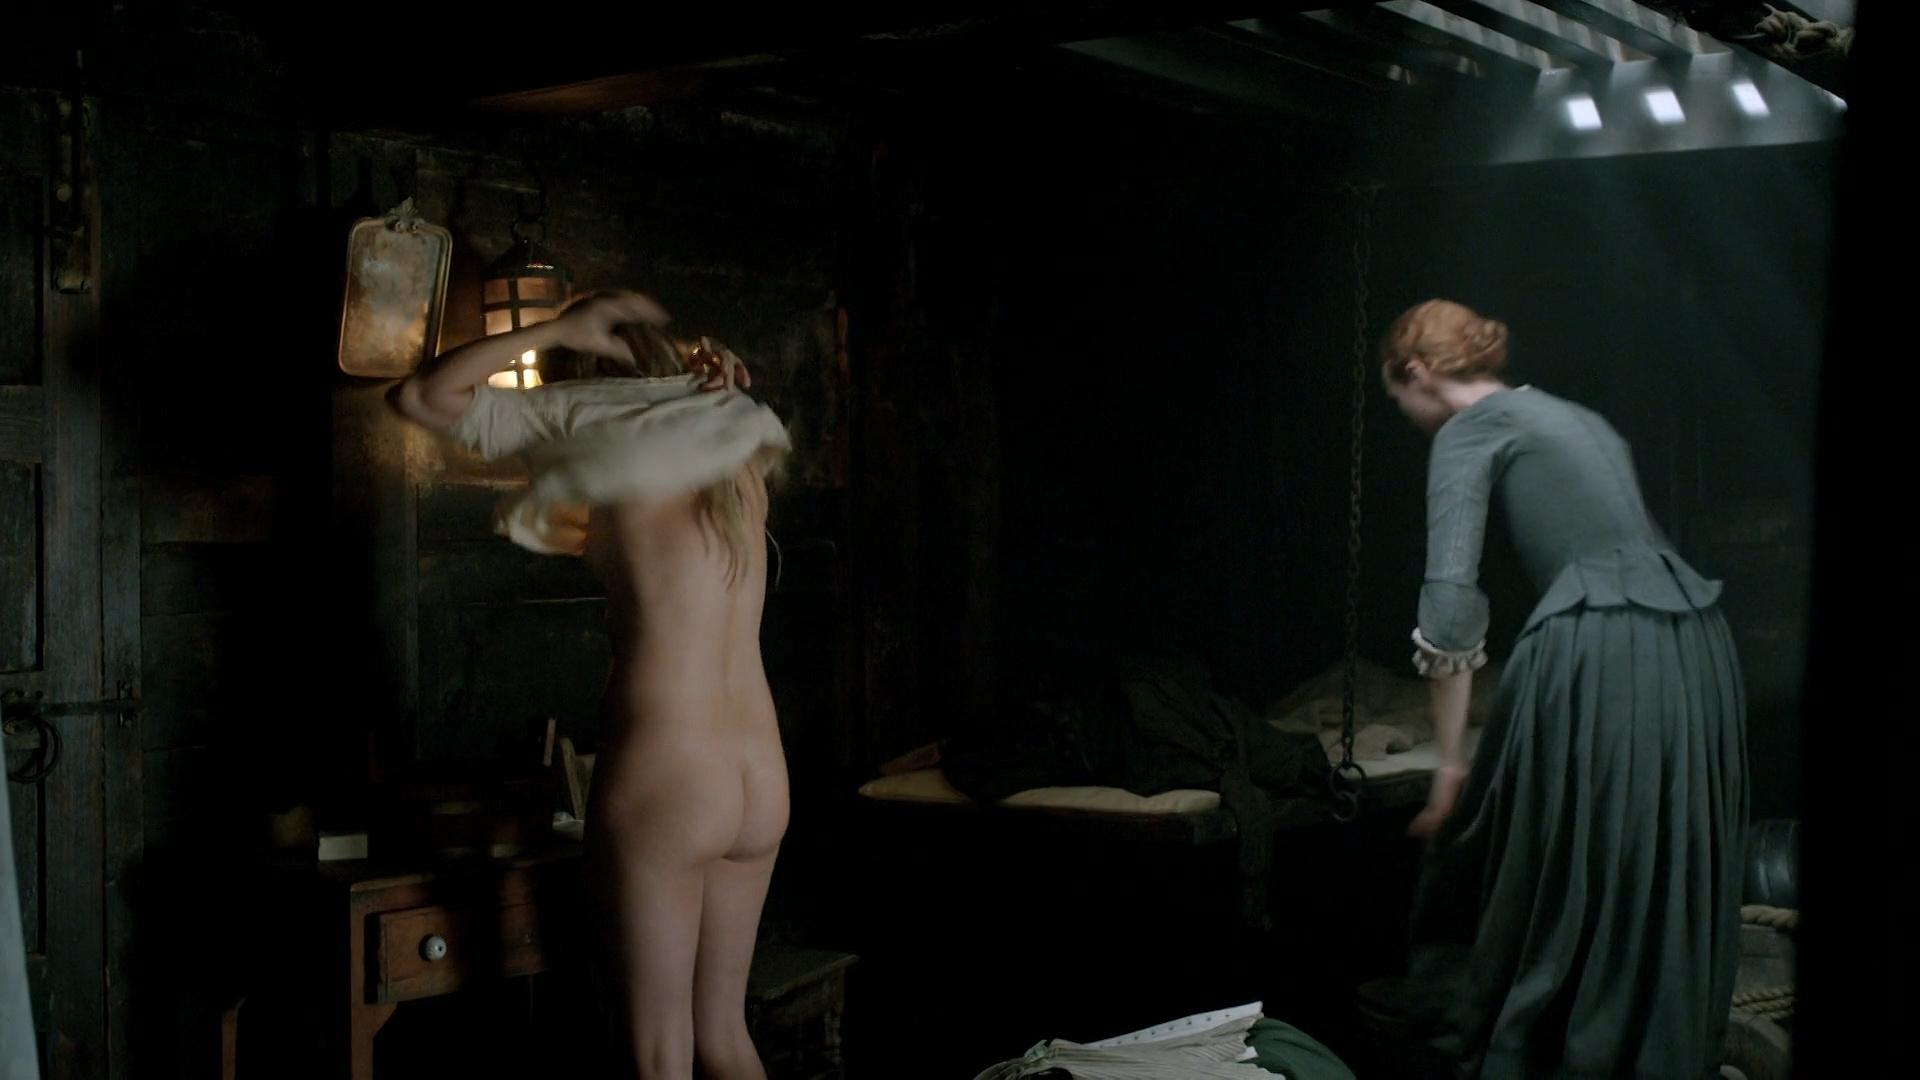 Dlomo nude zethu Celebrity Nude